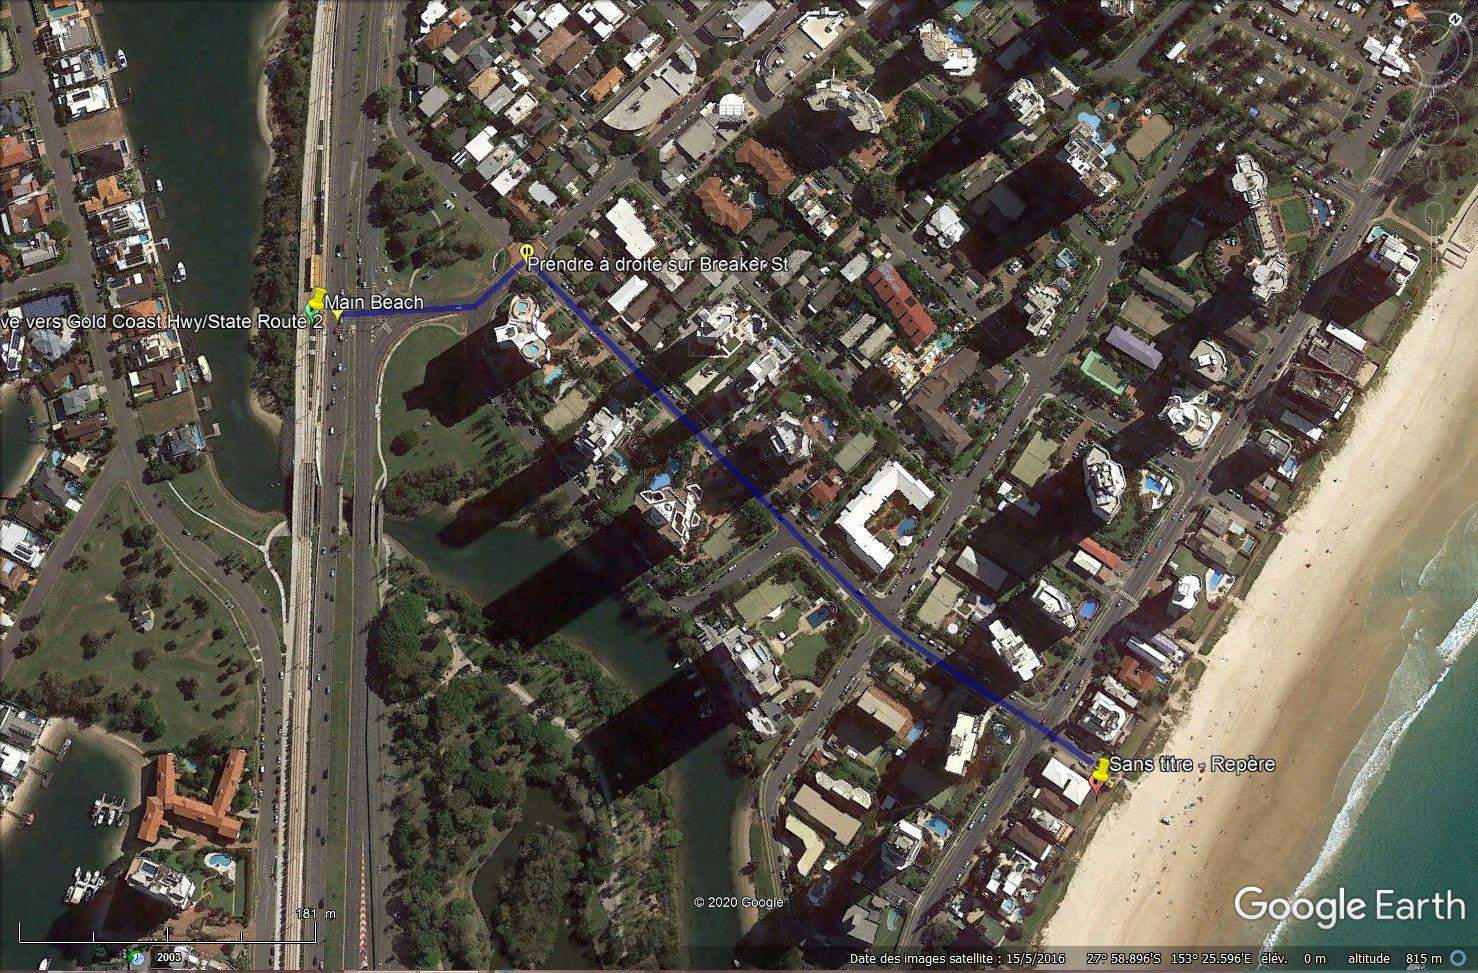 RideTheG - Le direct pour les plages de la Gold Coast Tsge1404